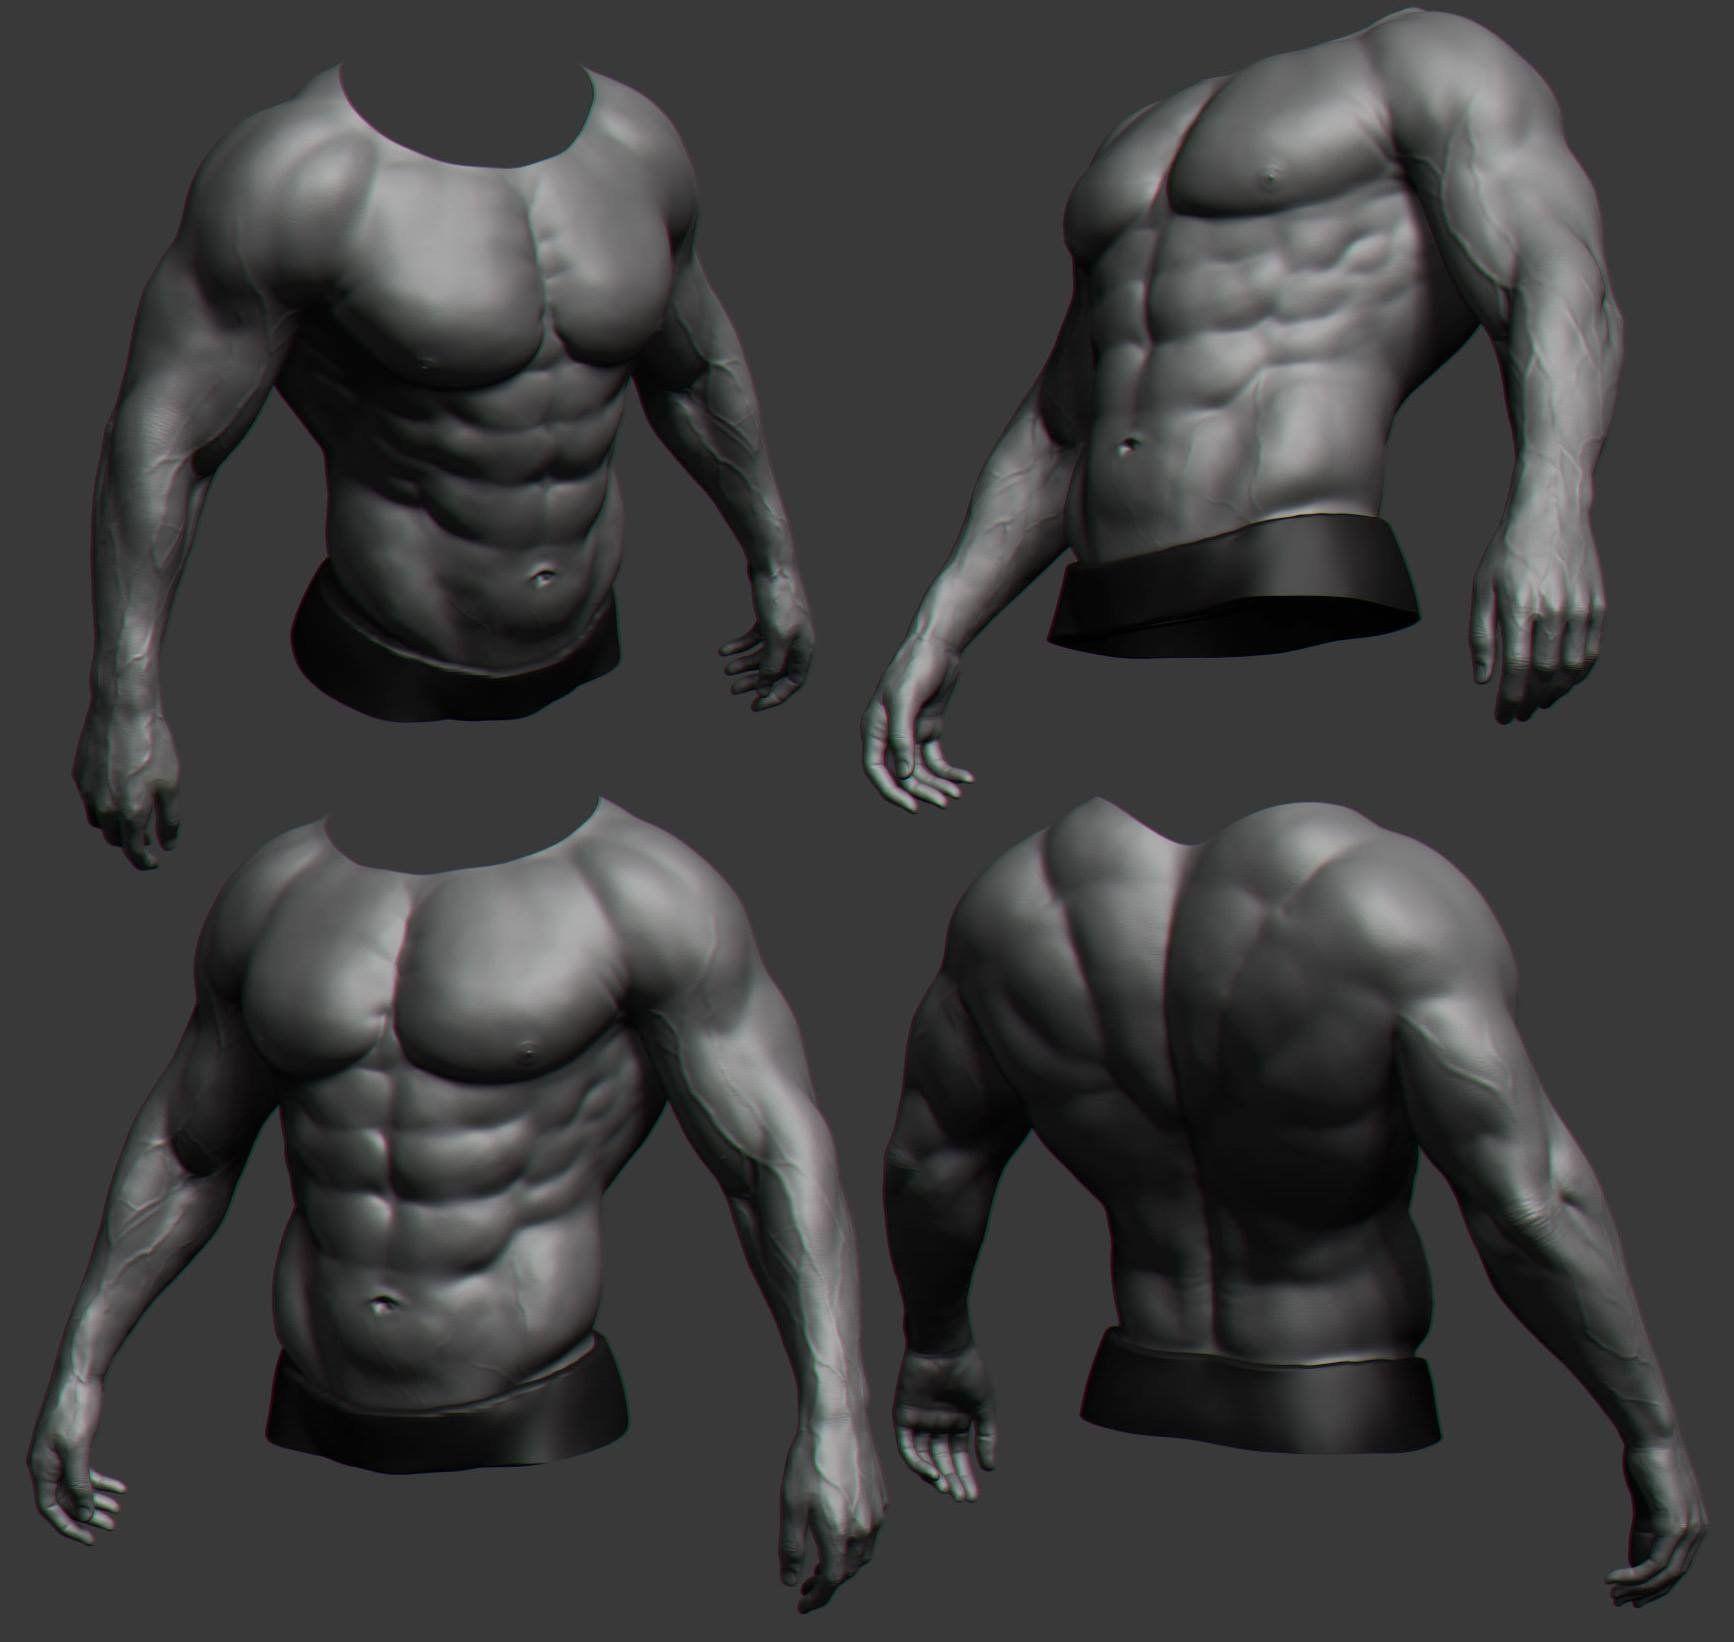 ArtStation - torso, brahim azizi | Anatomy References | Pinterest ...